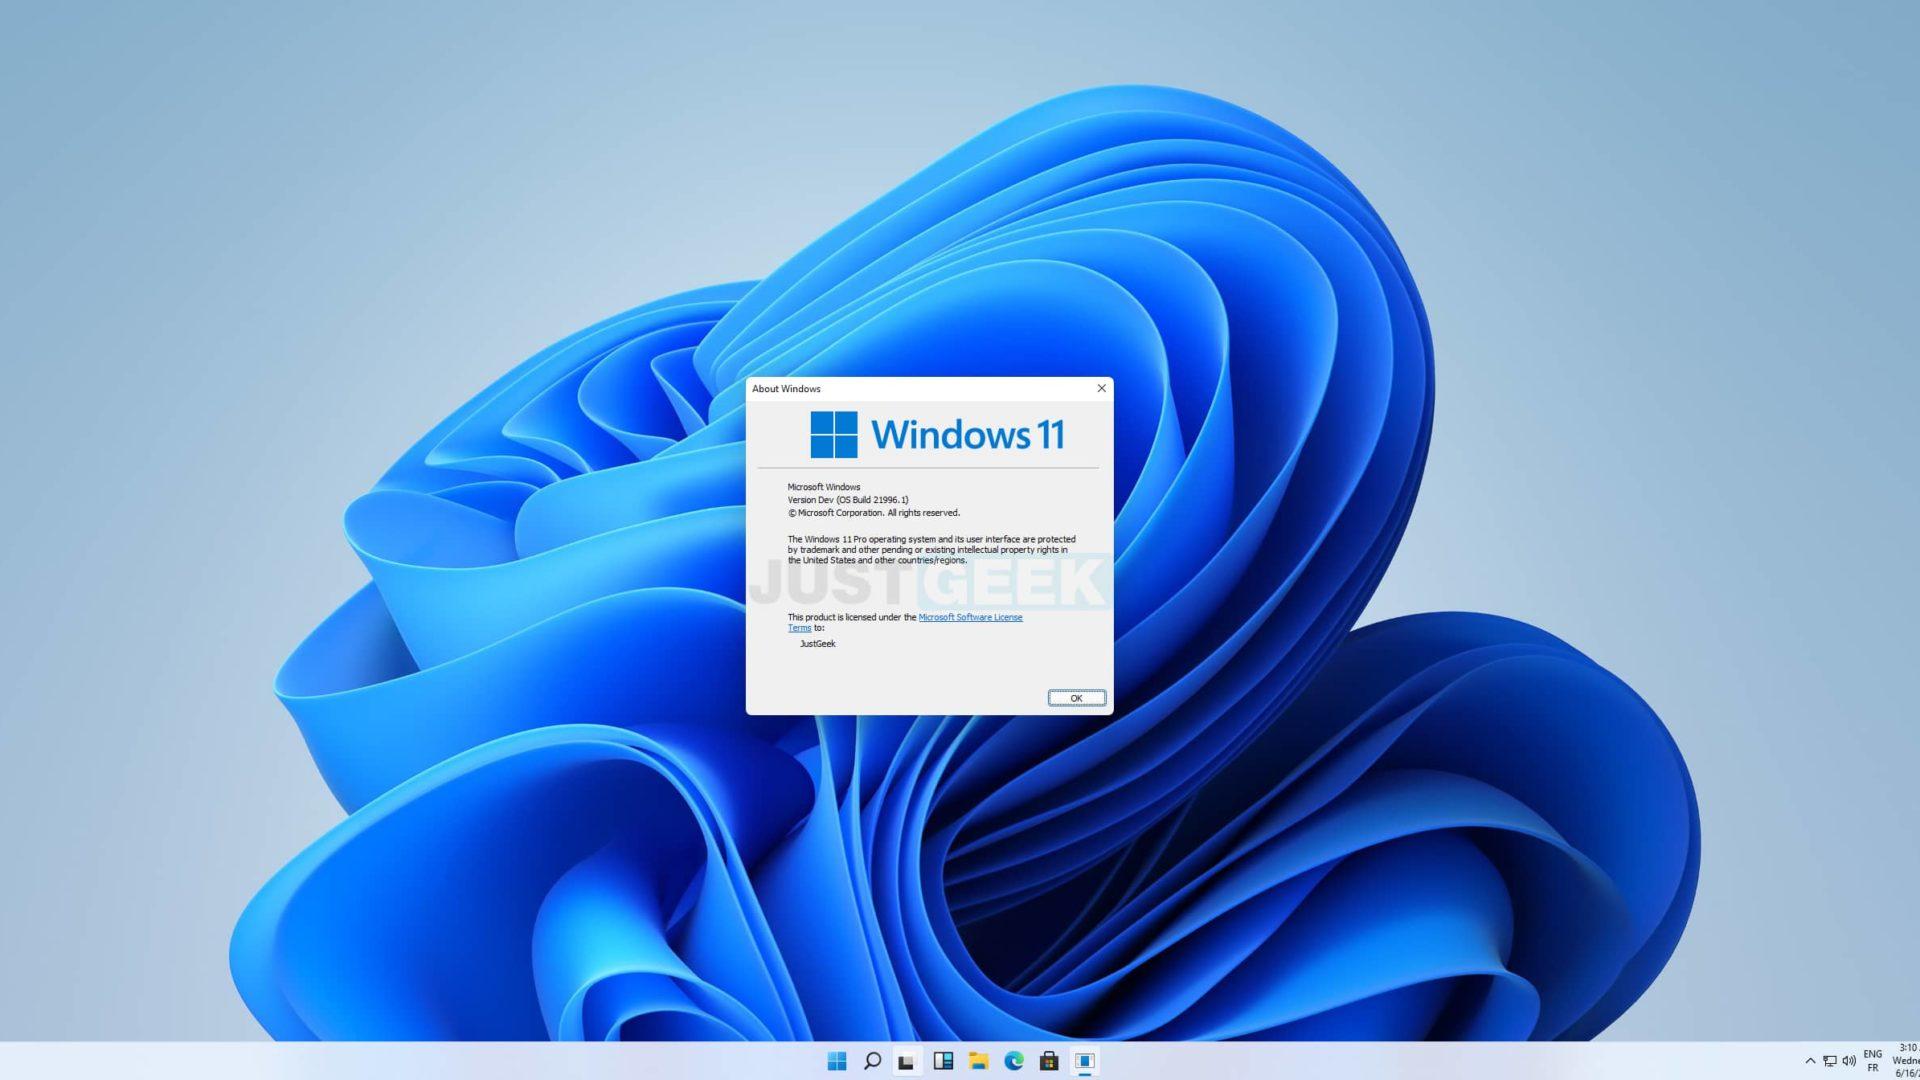 À propos de Windows 11